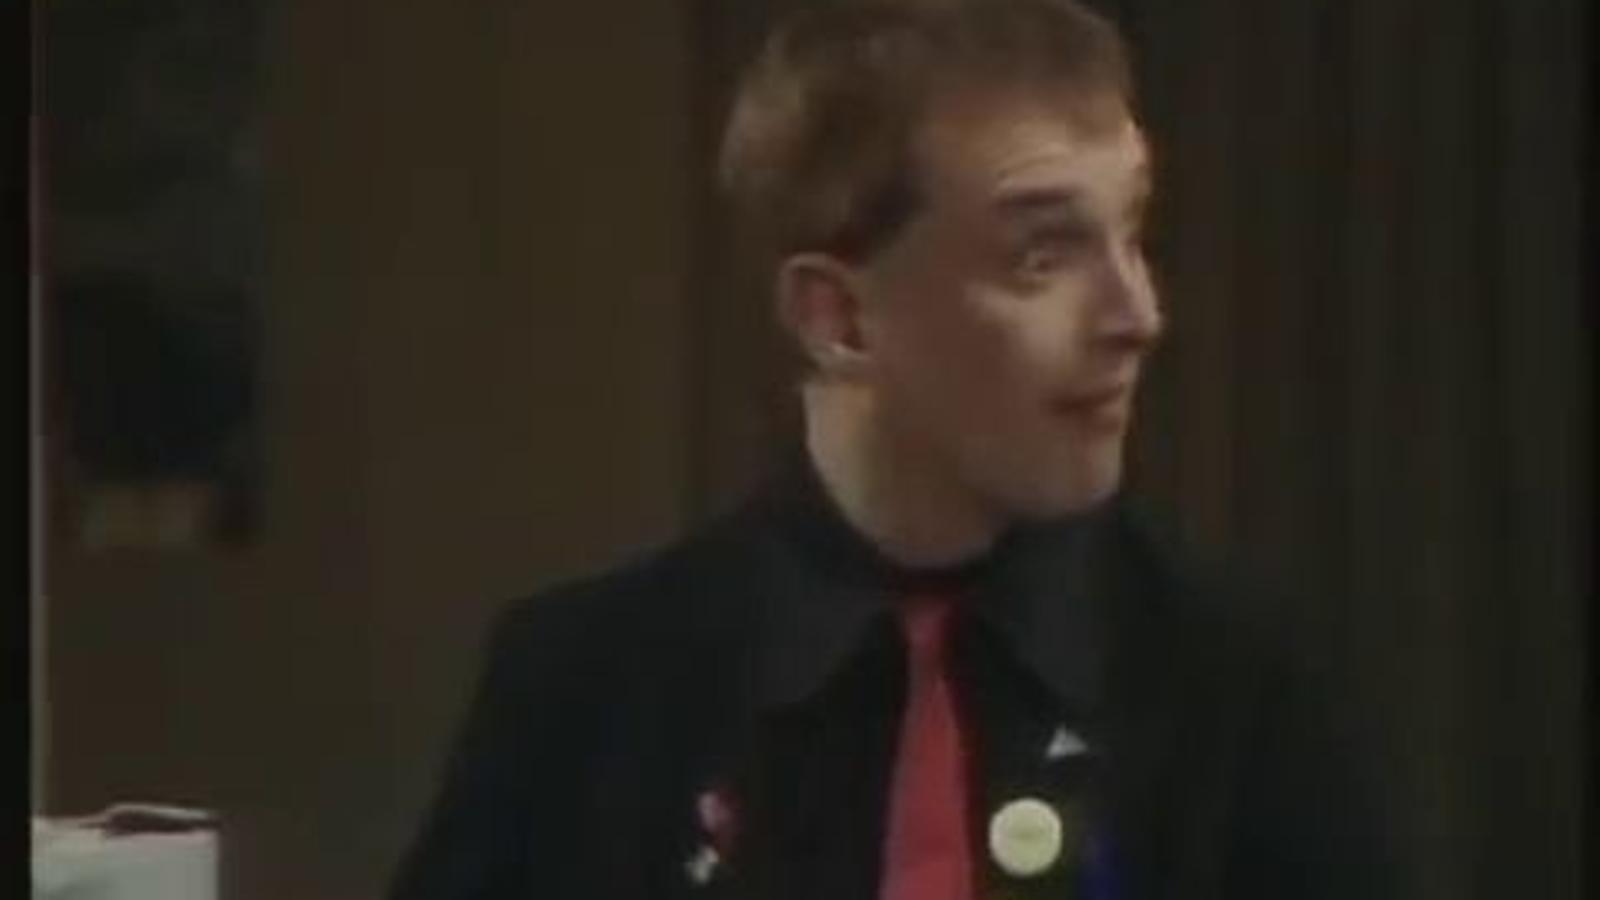 Els millors moments de Rik a 'Els joves' (en versió original)